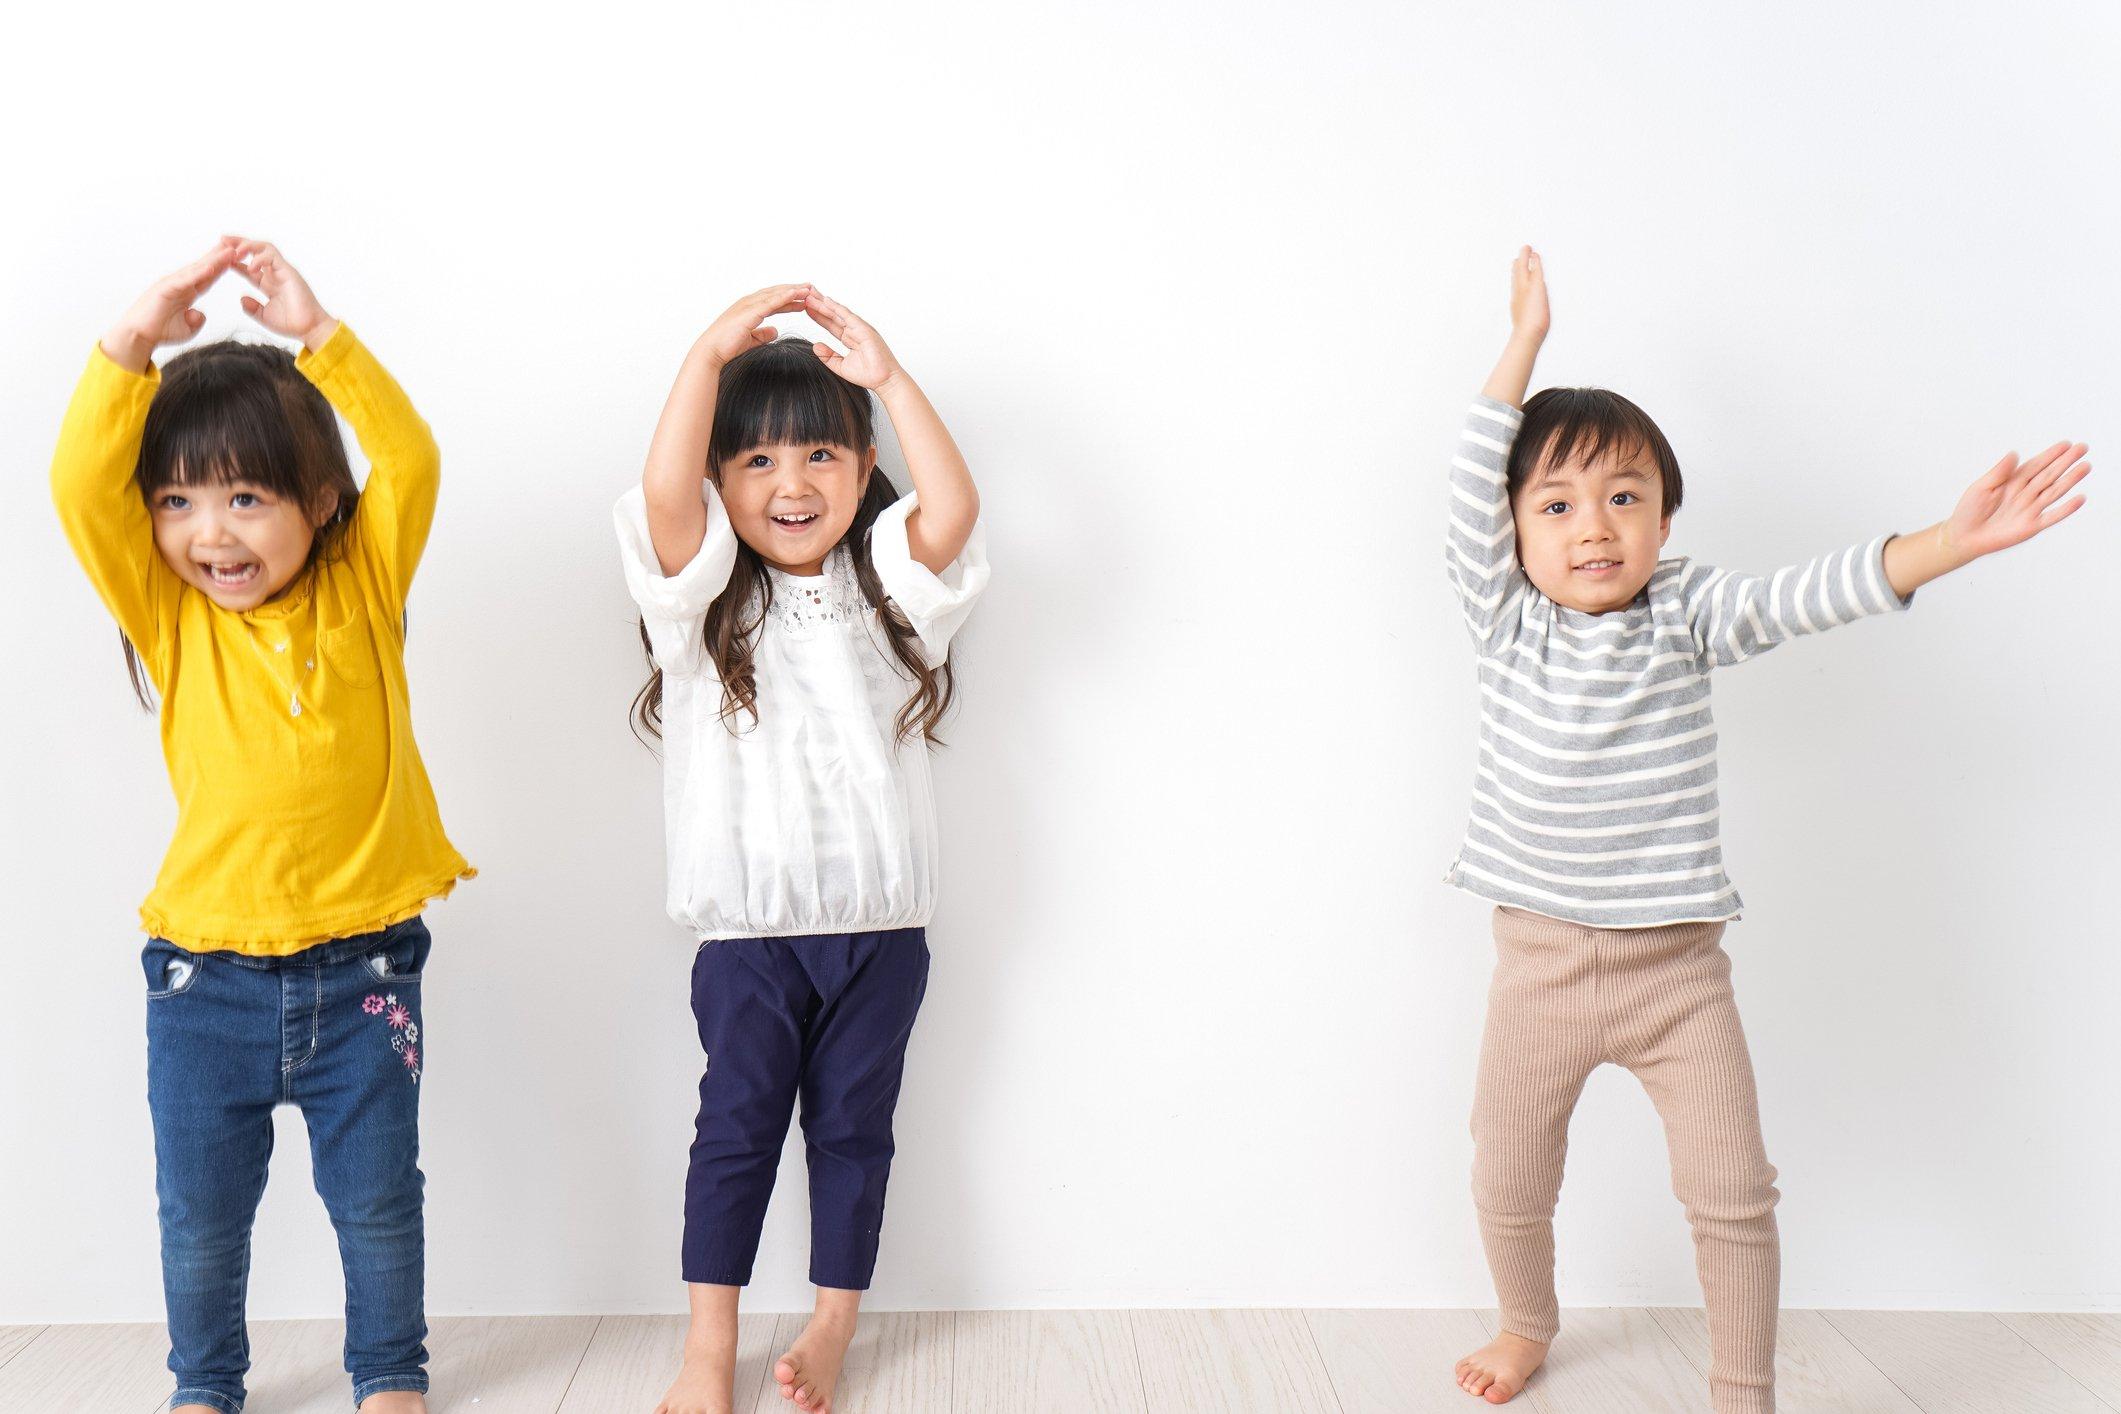 49 Activités Physiques Plaisantes À Faire Avec Des Enfants destiné Activité Fille 6 Ans